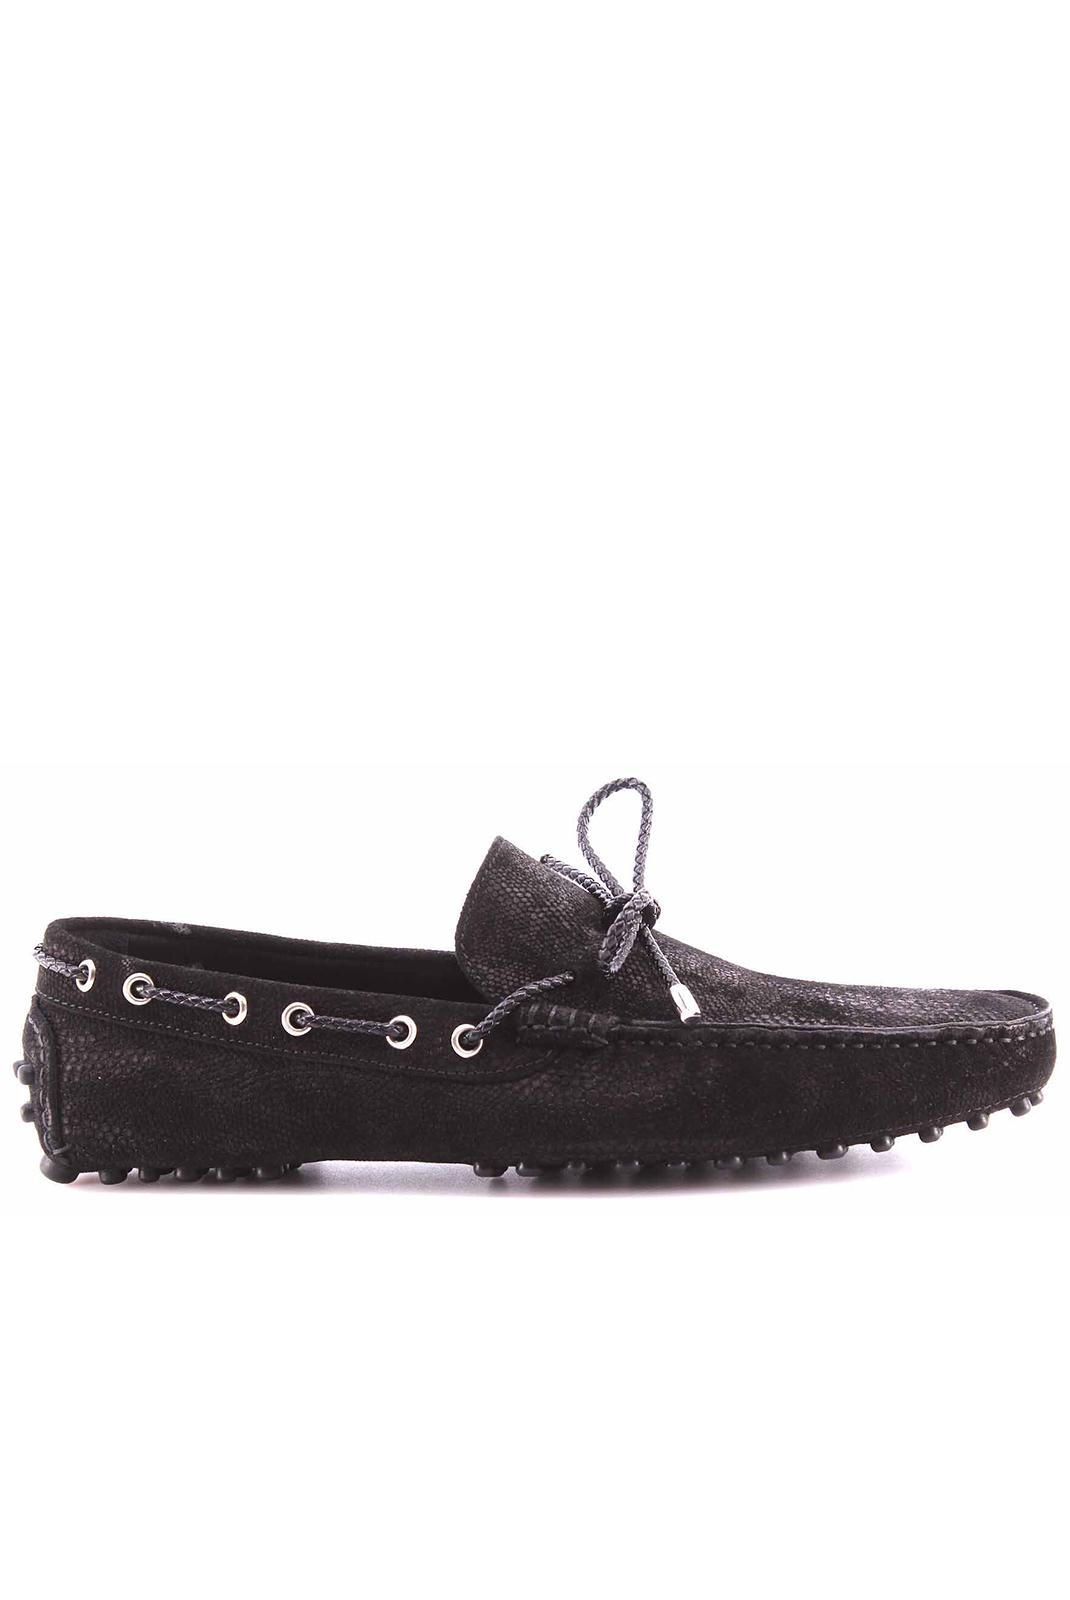 Chaussures de ville  Just Cavalli S12WR0035 (08581) 900 NOIR